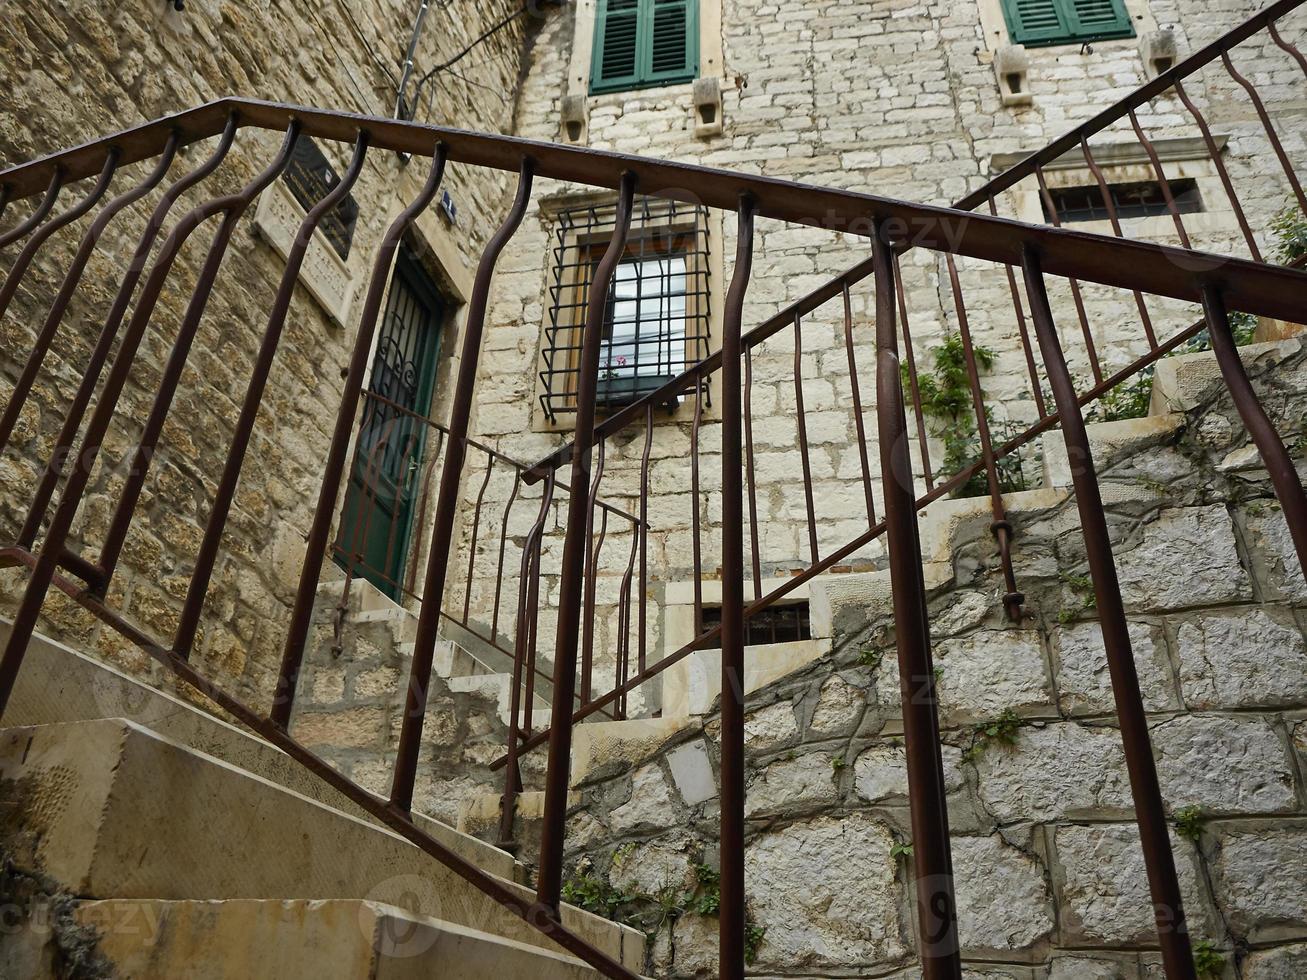 escadas com suportes de metal foto